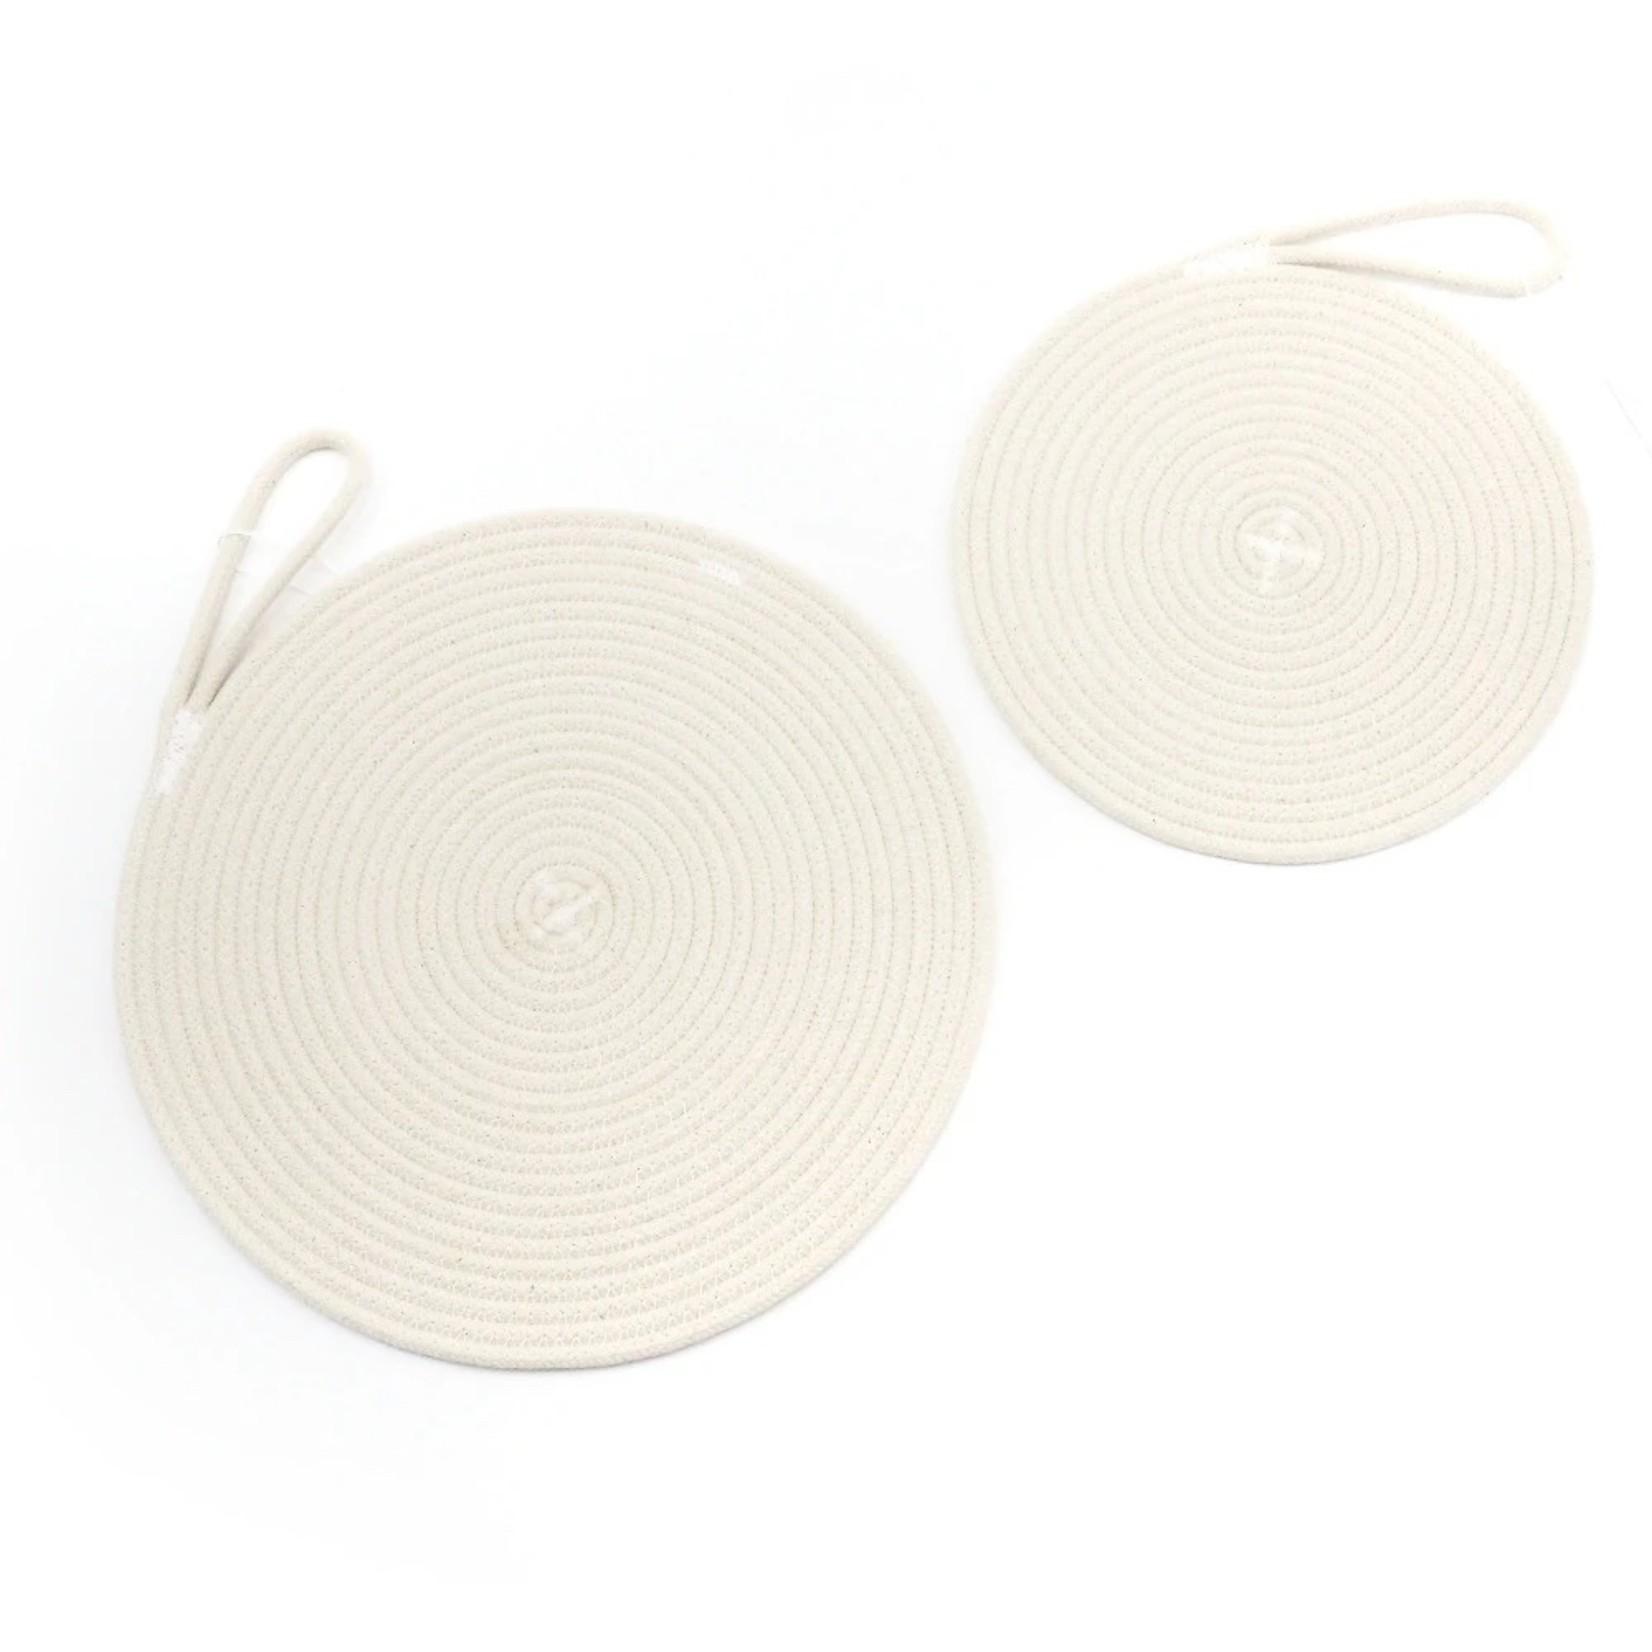 Koba Handmade Ronde placemat coaster